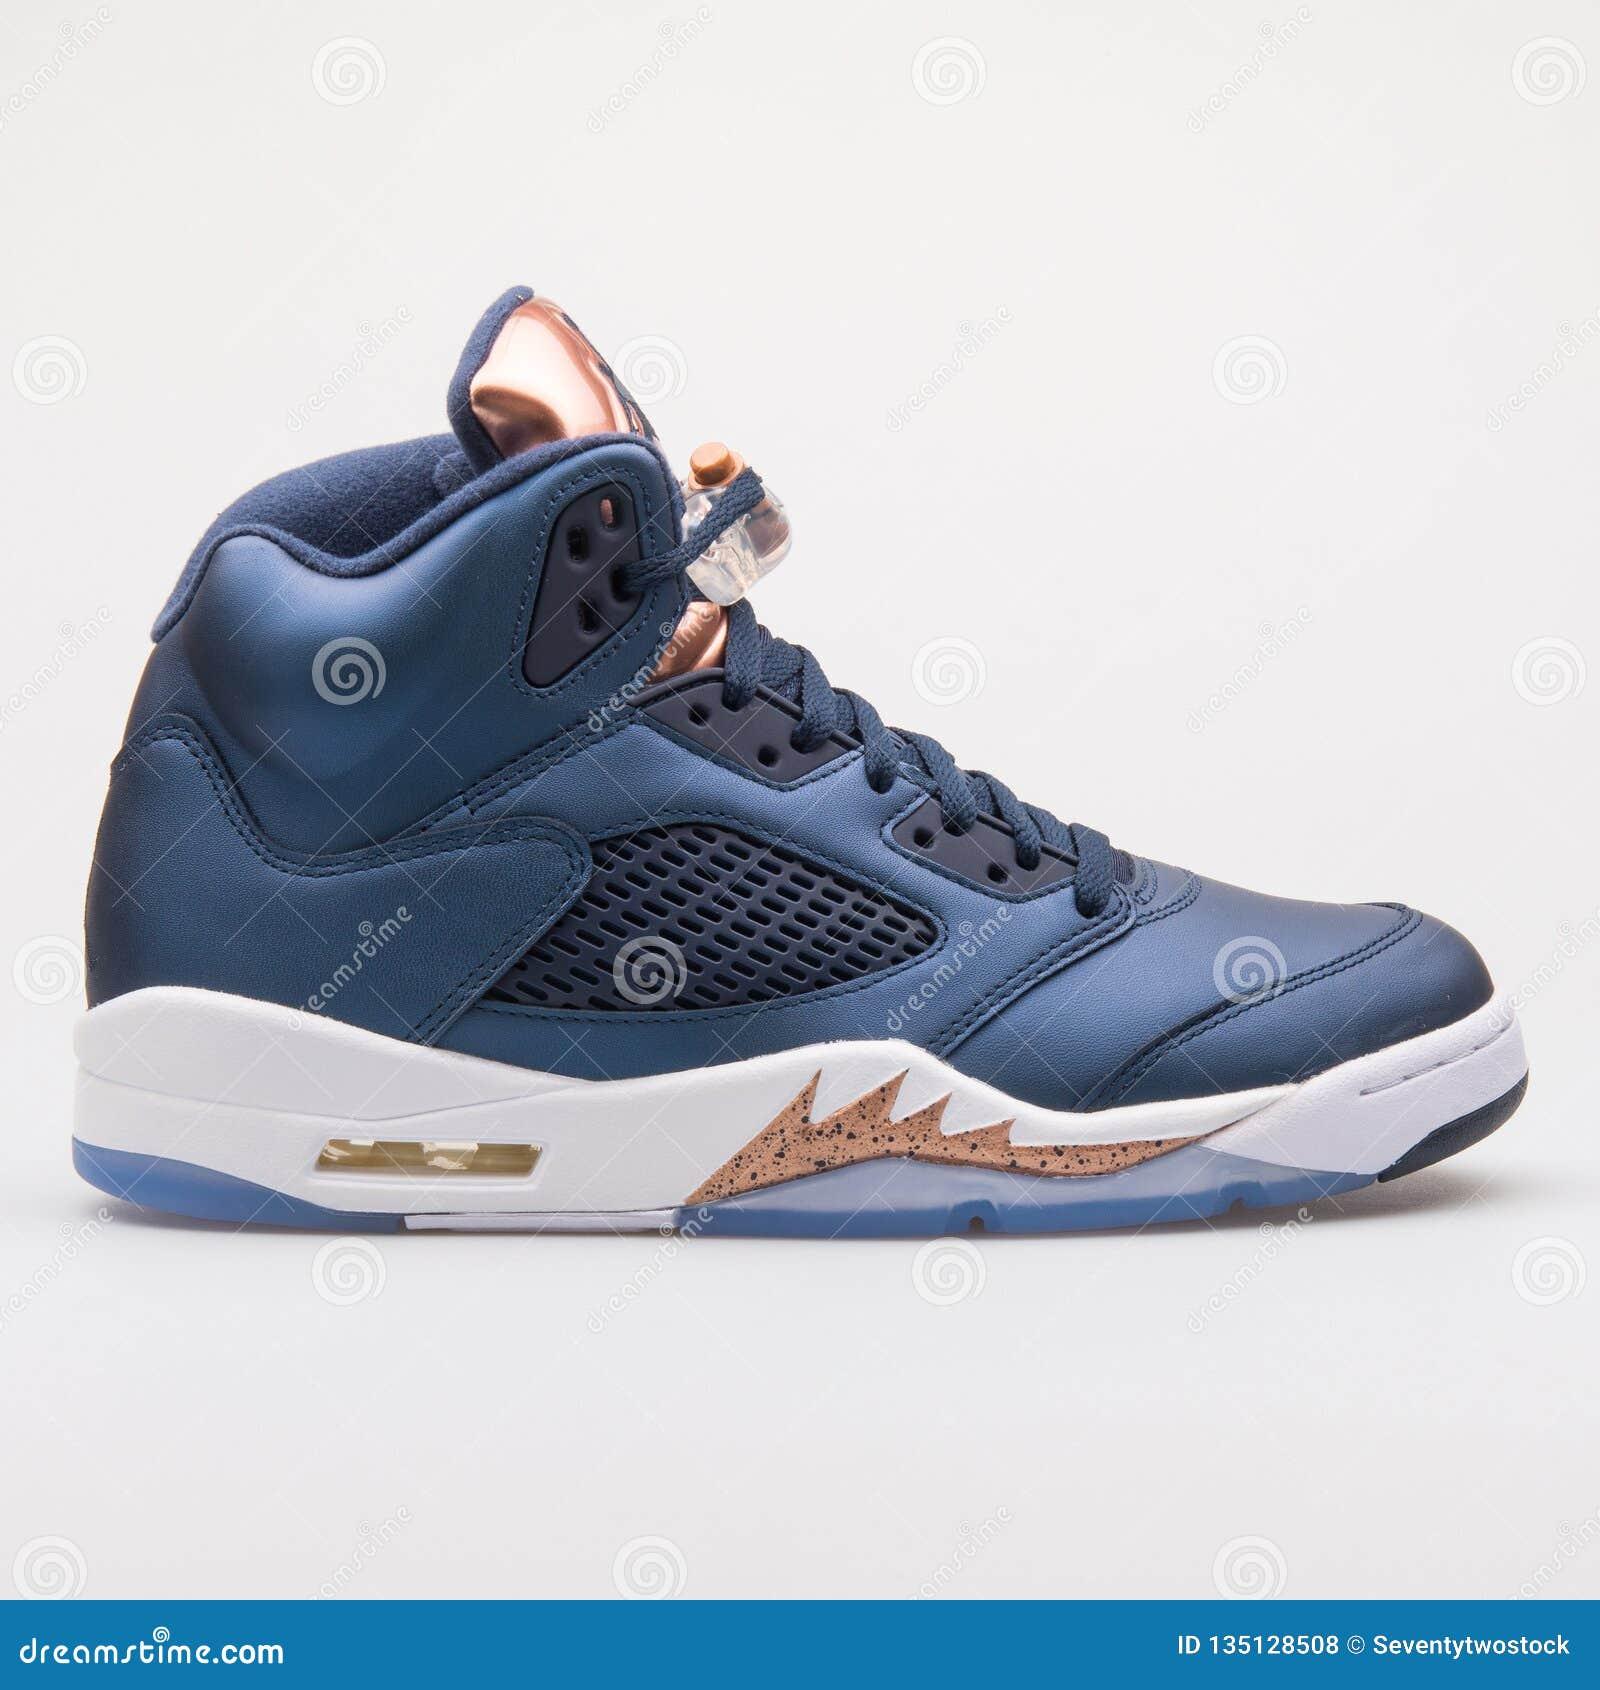 online store 70b97 57b03 Nike Air Jordan 5 Retro Blue And Bronze Sneaker Editorial ...